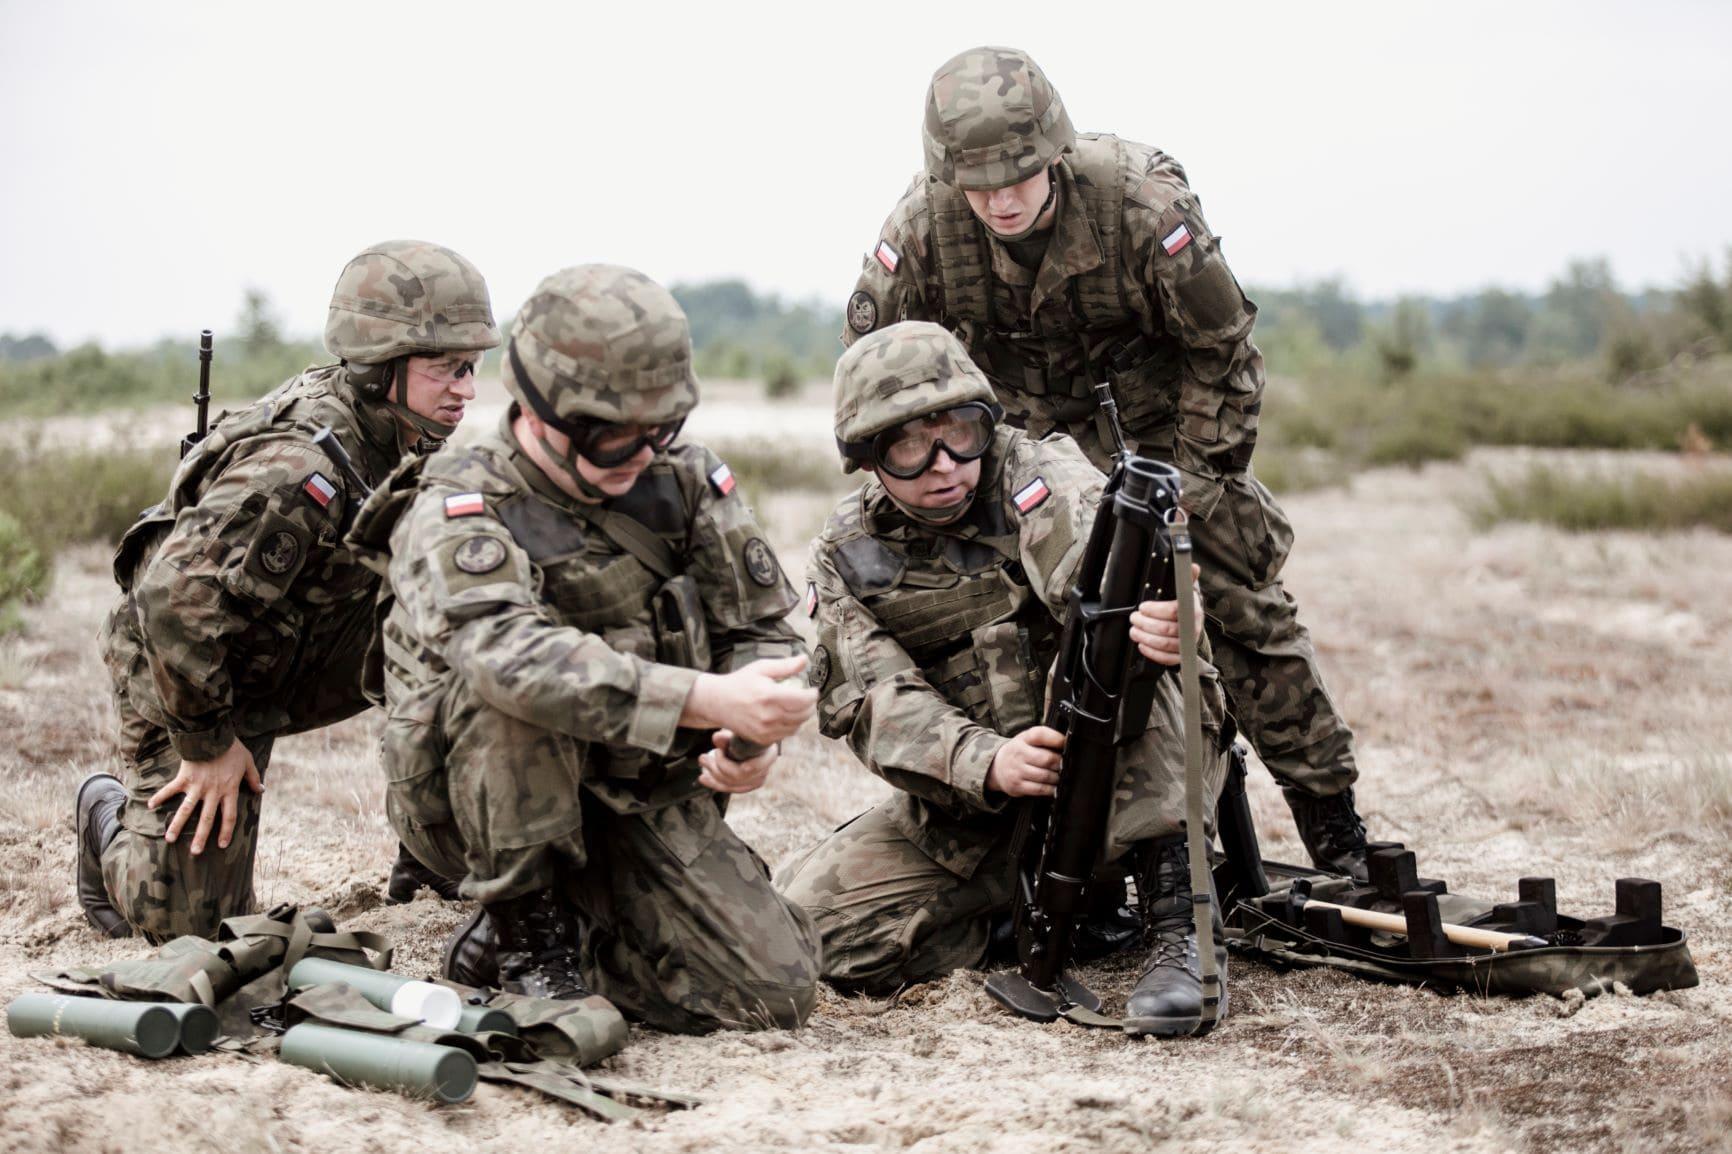 Województwo lubelskie: Terytorialsi szkolą się na podkarpackim poligonie - Zdjęcie główne